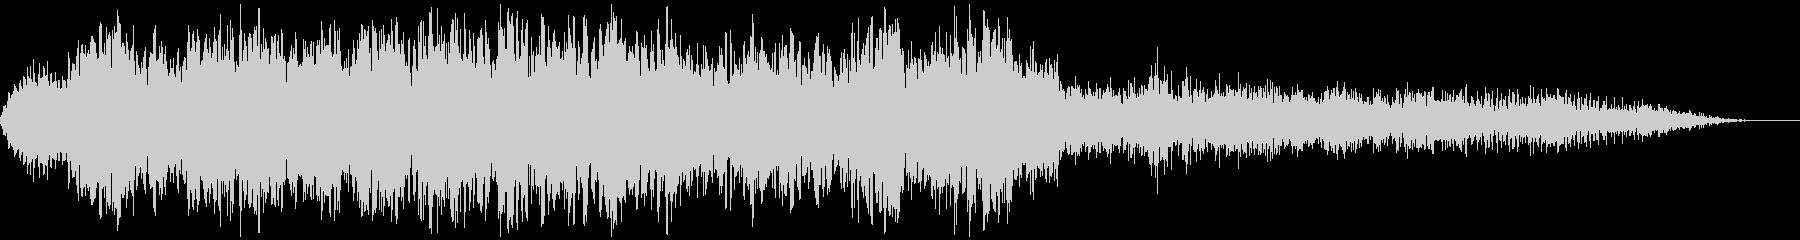 【アンビエント】ドローン_09 実験音の未再生の波形